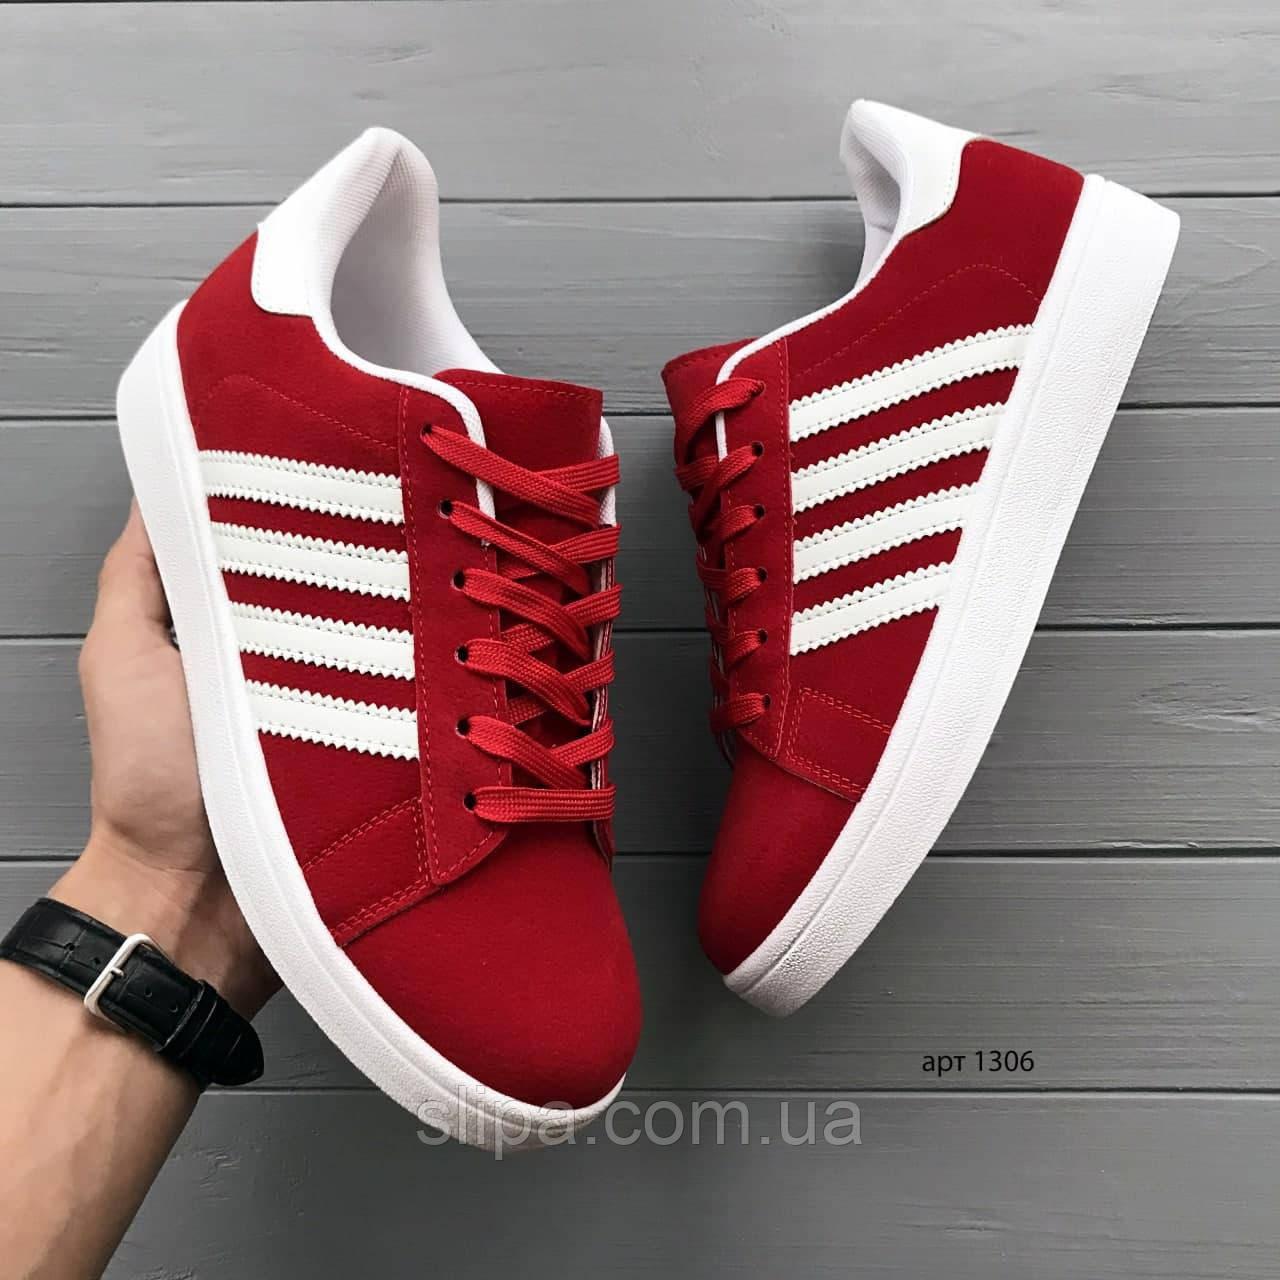 Чоловічі замшеві кросівки червоні на білій підошві